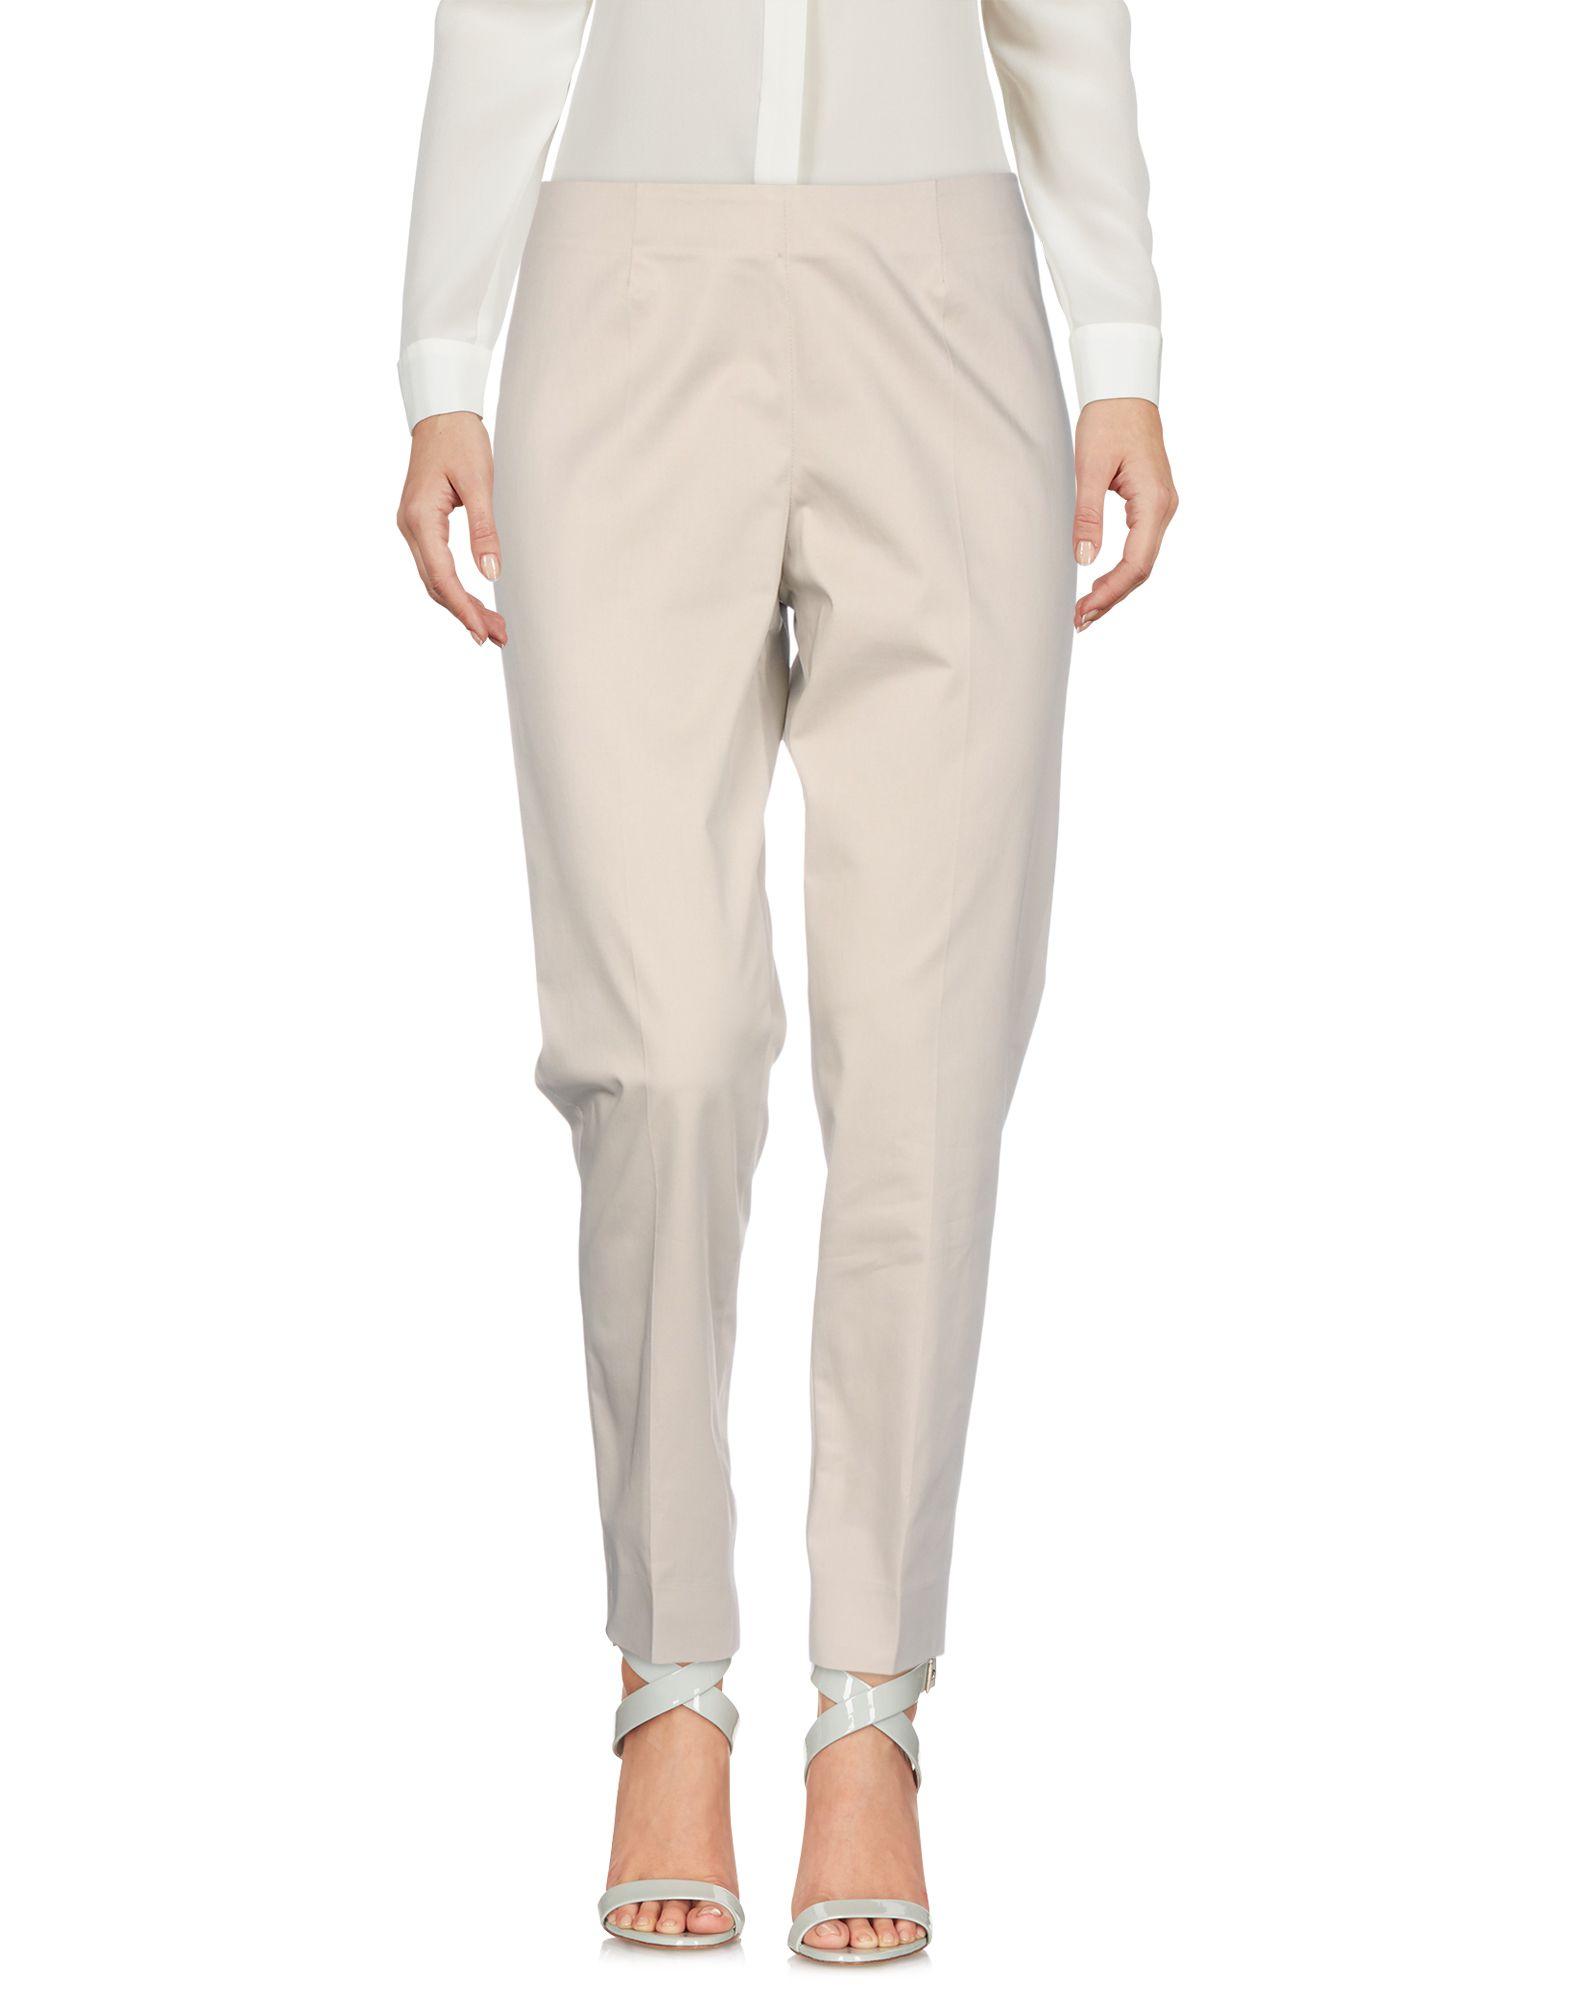 Pantalone Piazza Sempione Donna - Acquista online su 3lp9w